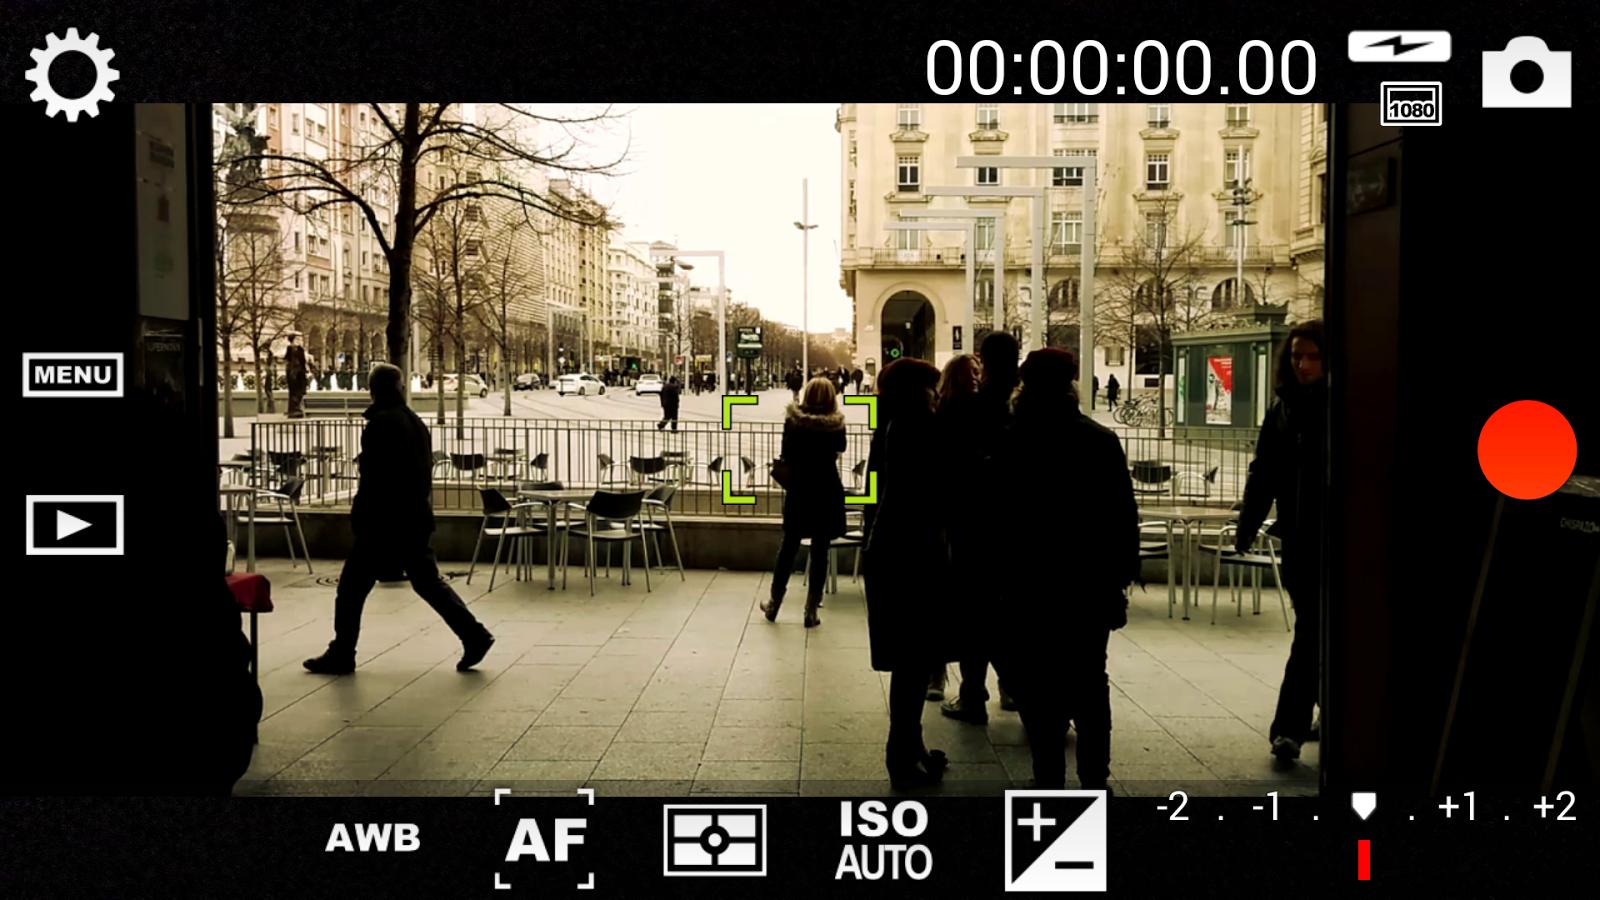 تطبيق للتصوير بدقة عالية وبمميزات DTvKU-k1HoieZhJpGpli